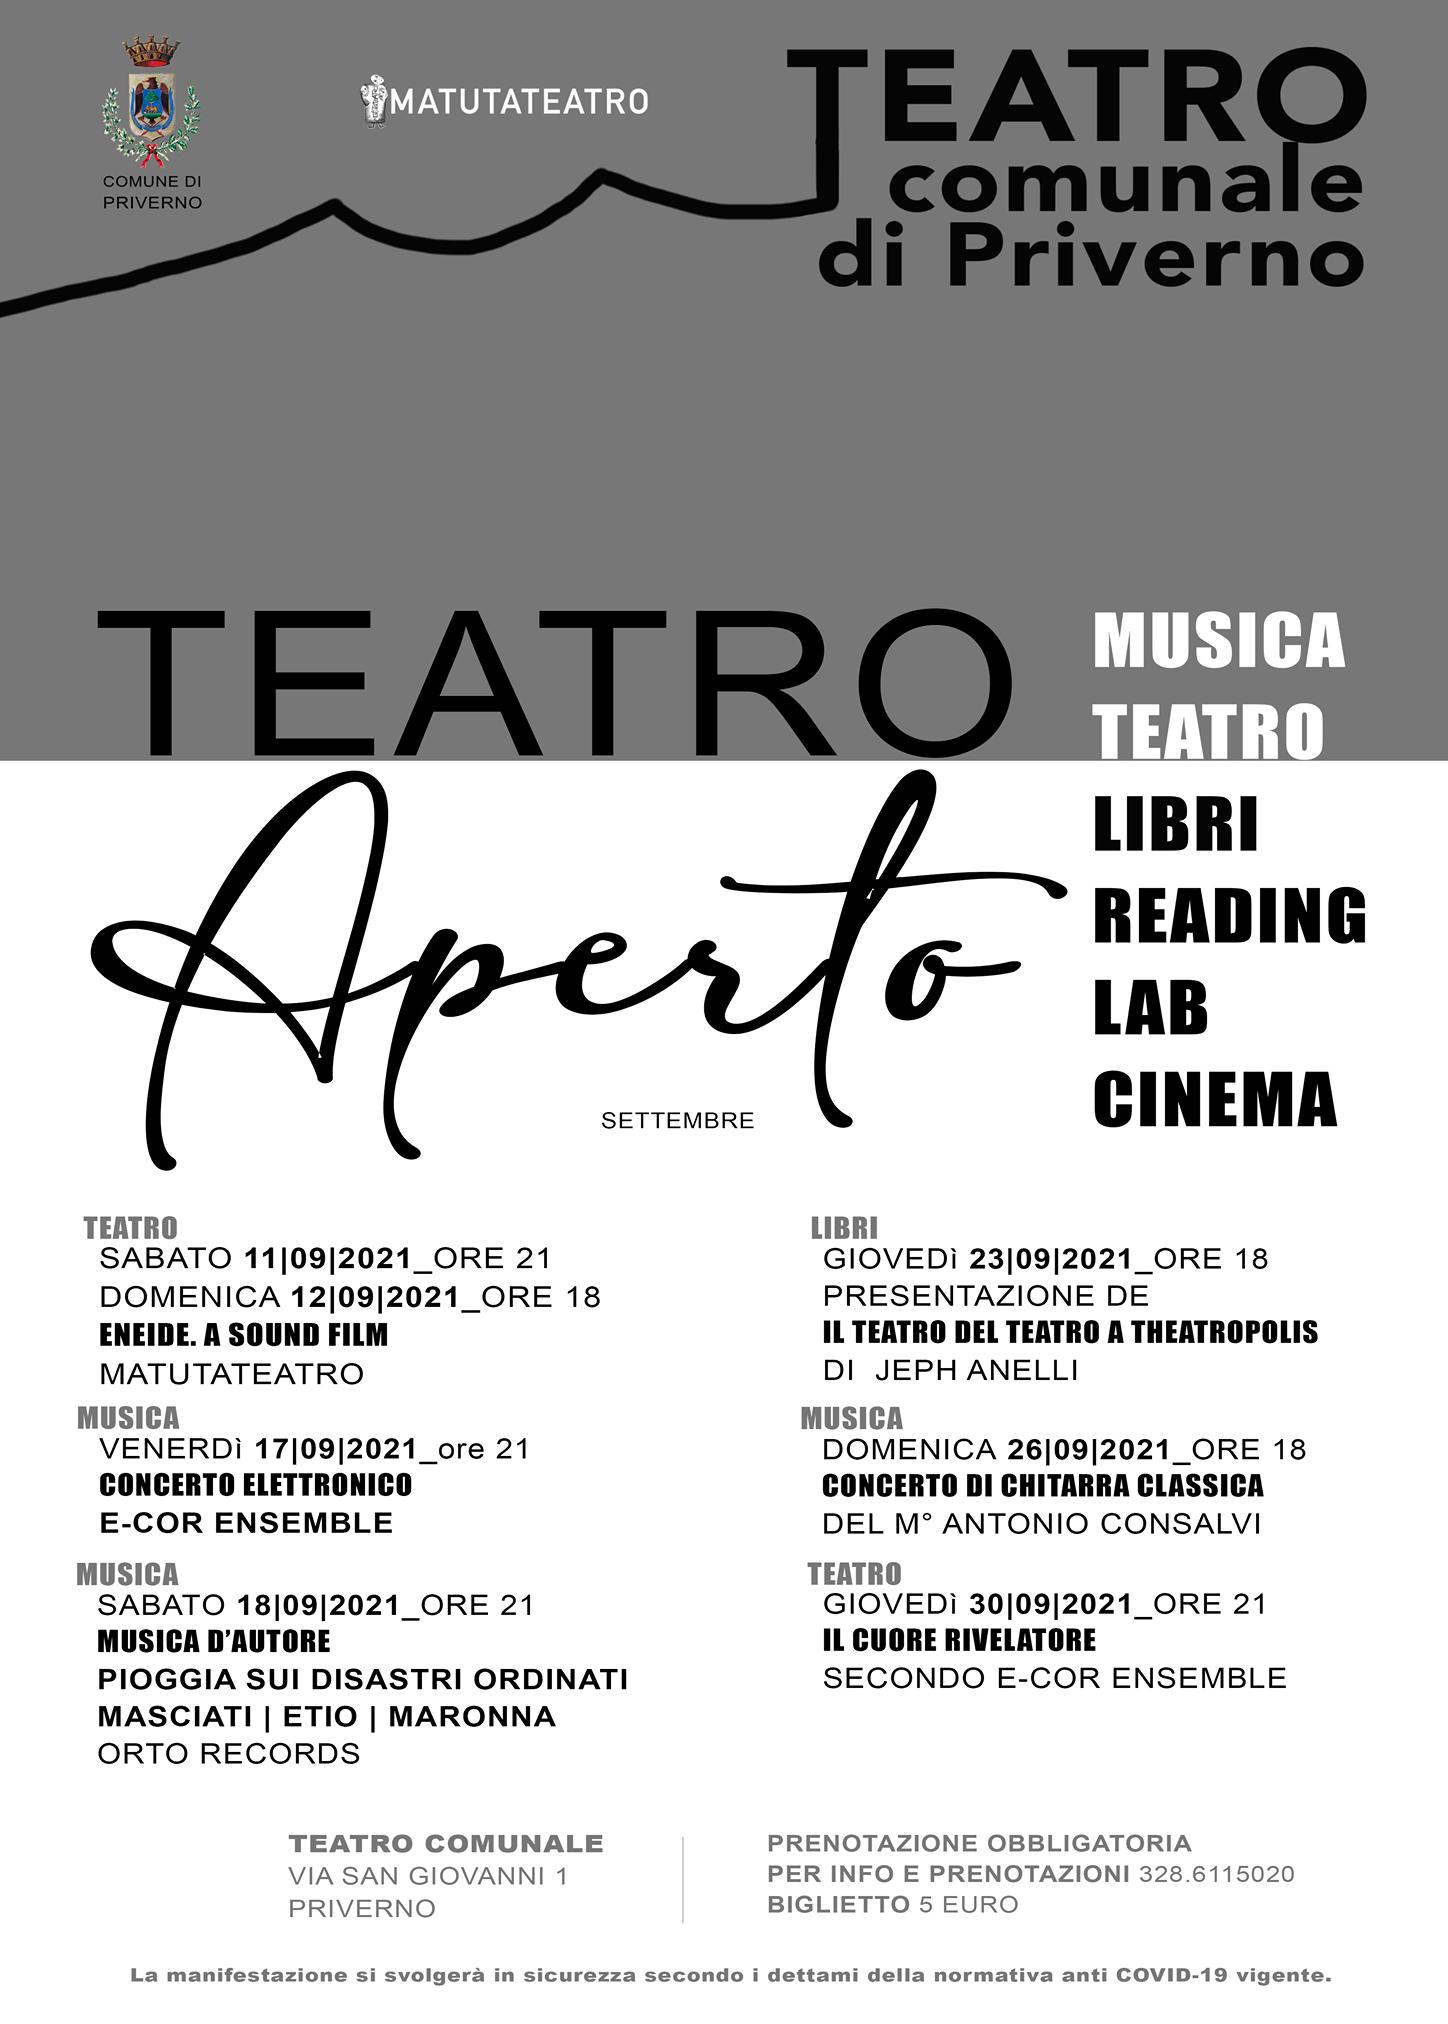 Priverno: Teatro Aperto @ Teatro Comunale di Priverno